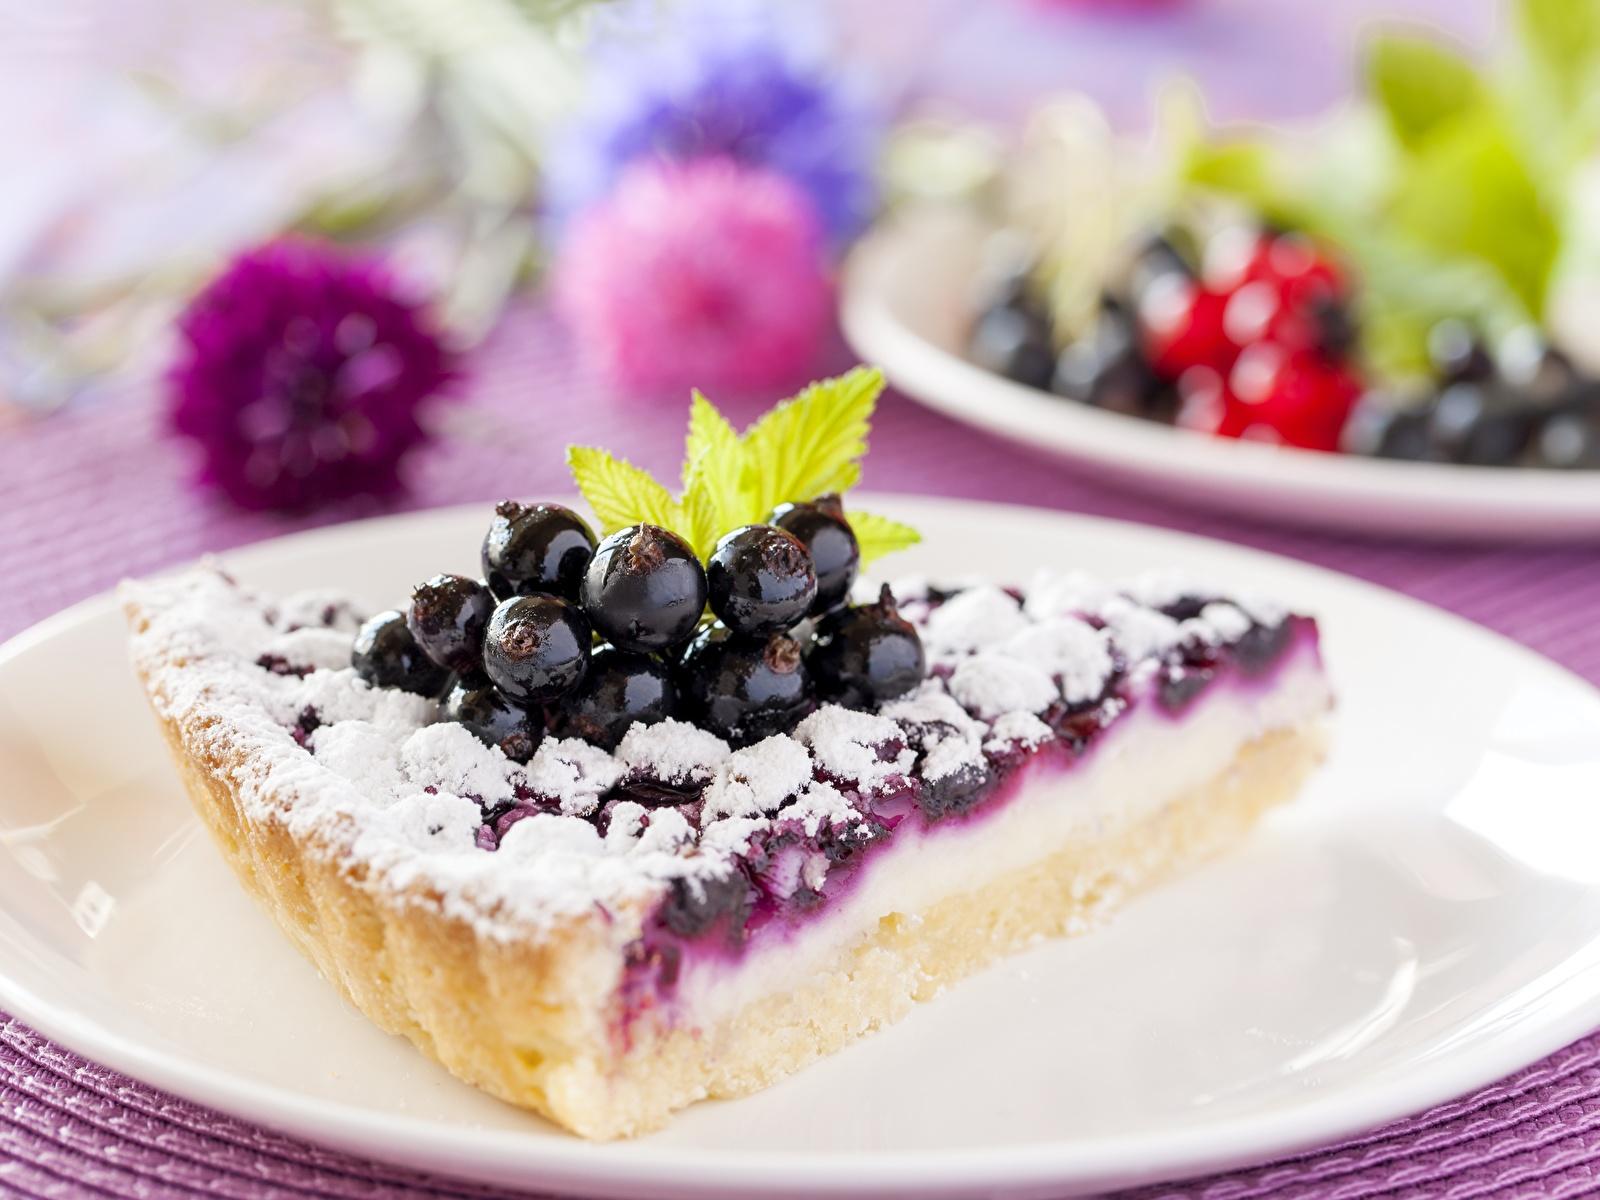 Фото Пирог кусочки Черника Еда тарелке 1600x1200 часть Кусок кусочек Пища Тарелка Продукты питания